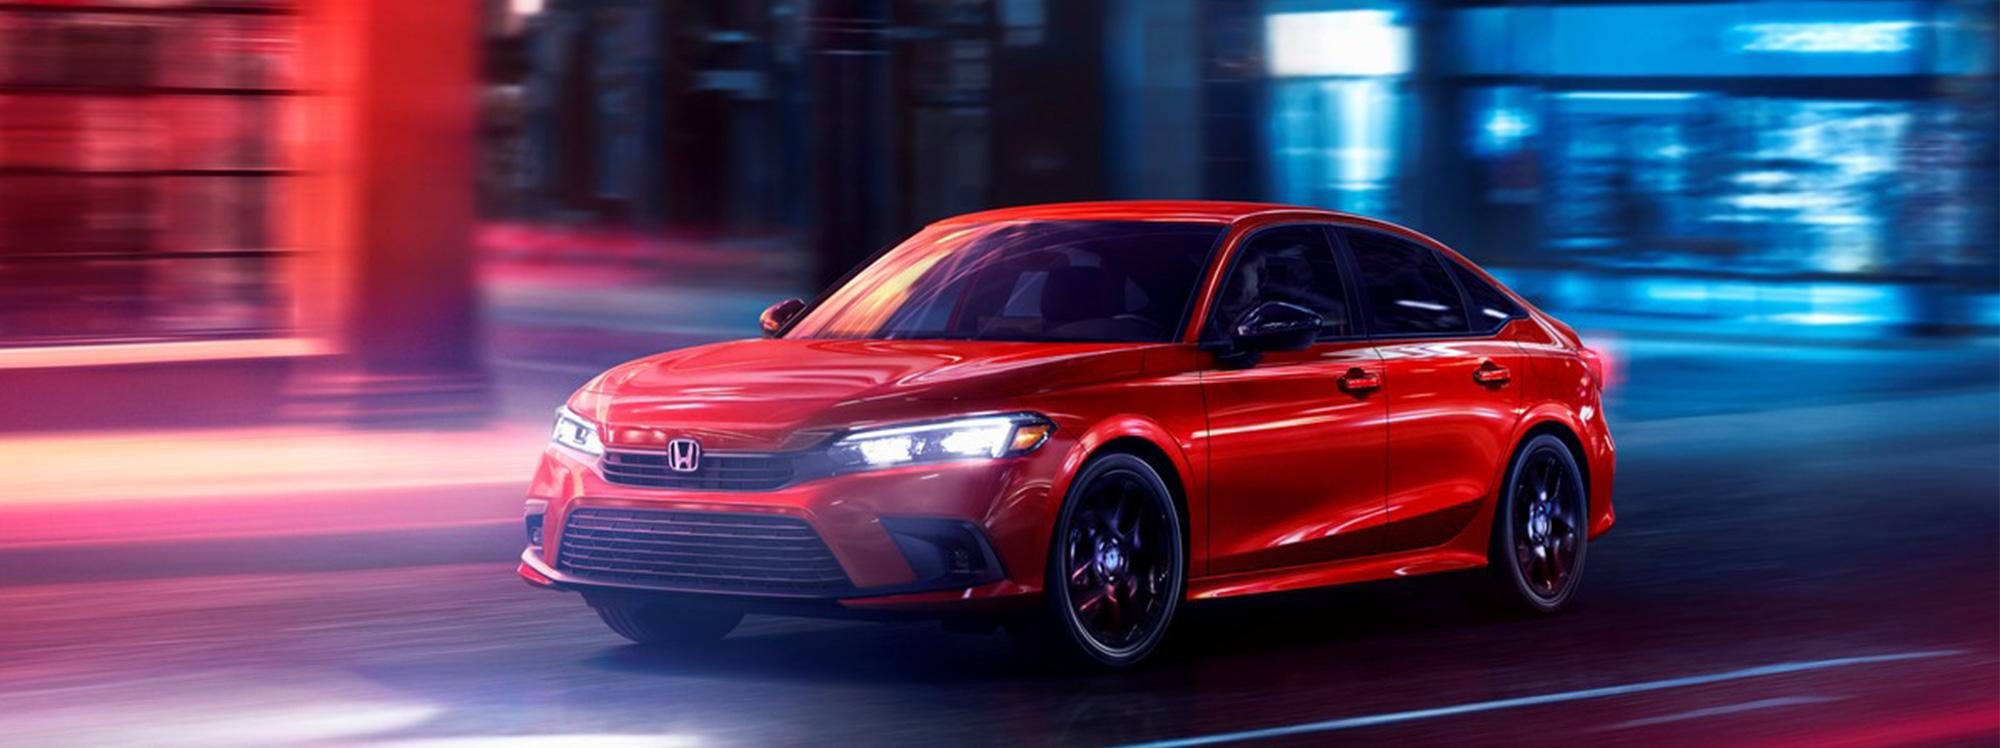 Honda presenta la nueva generación del icónico Civic